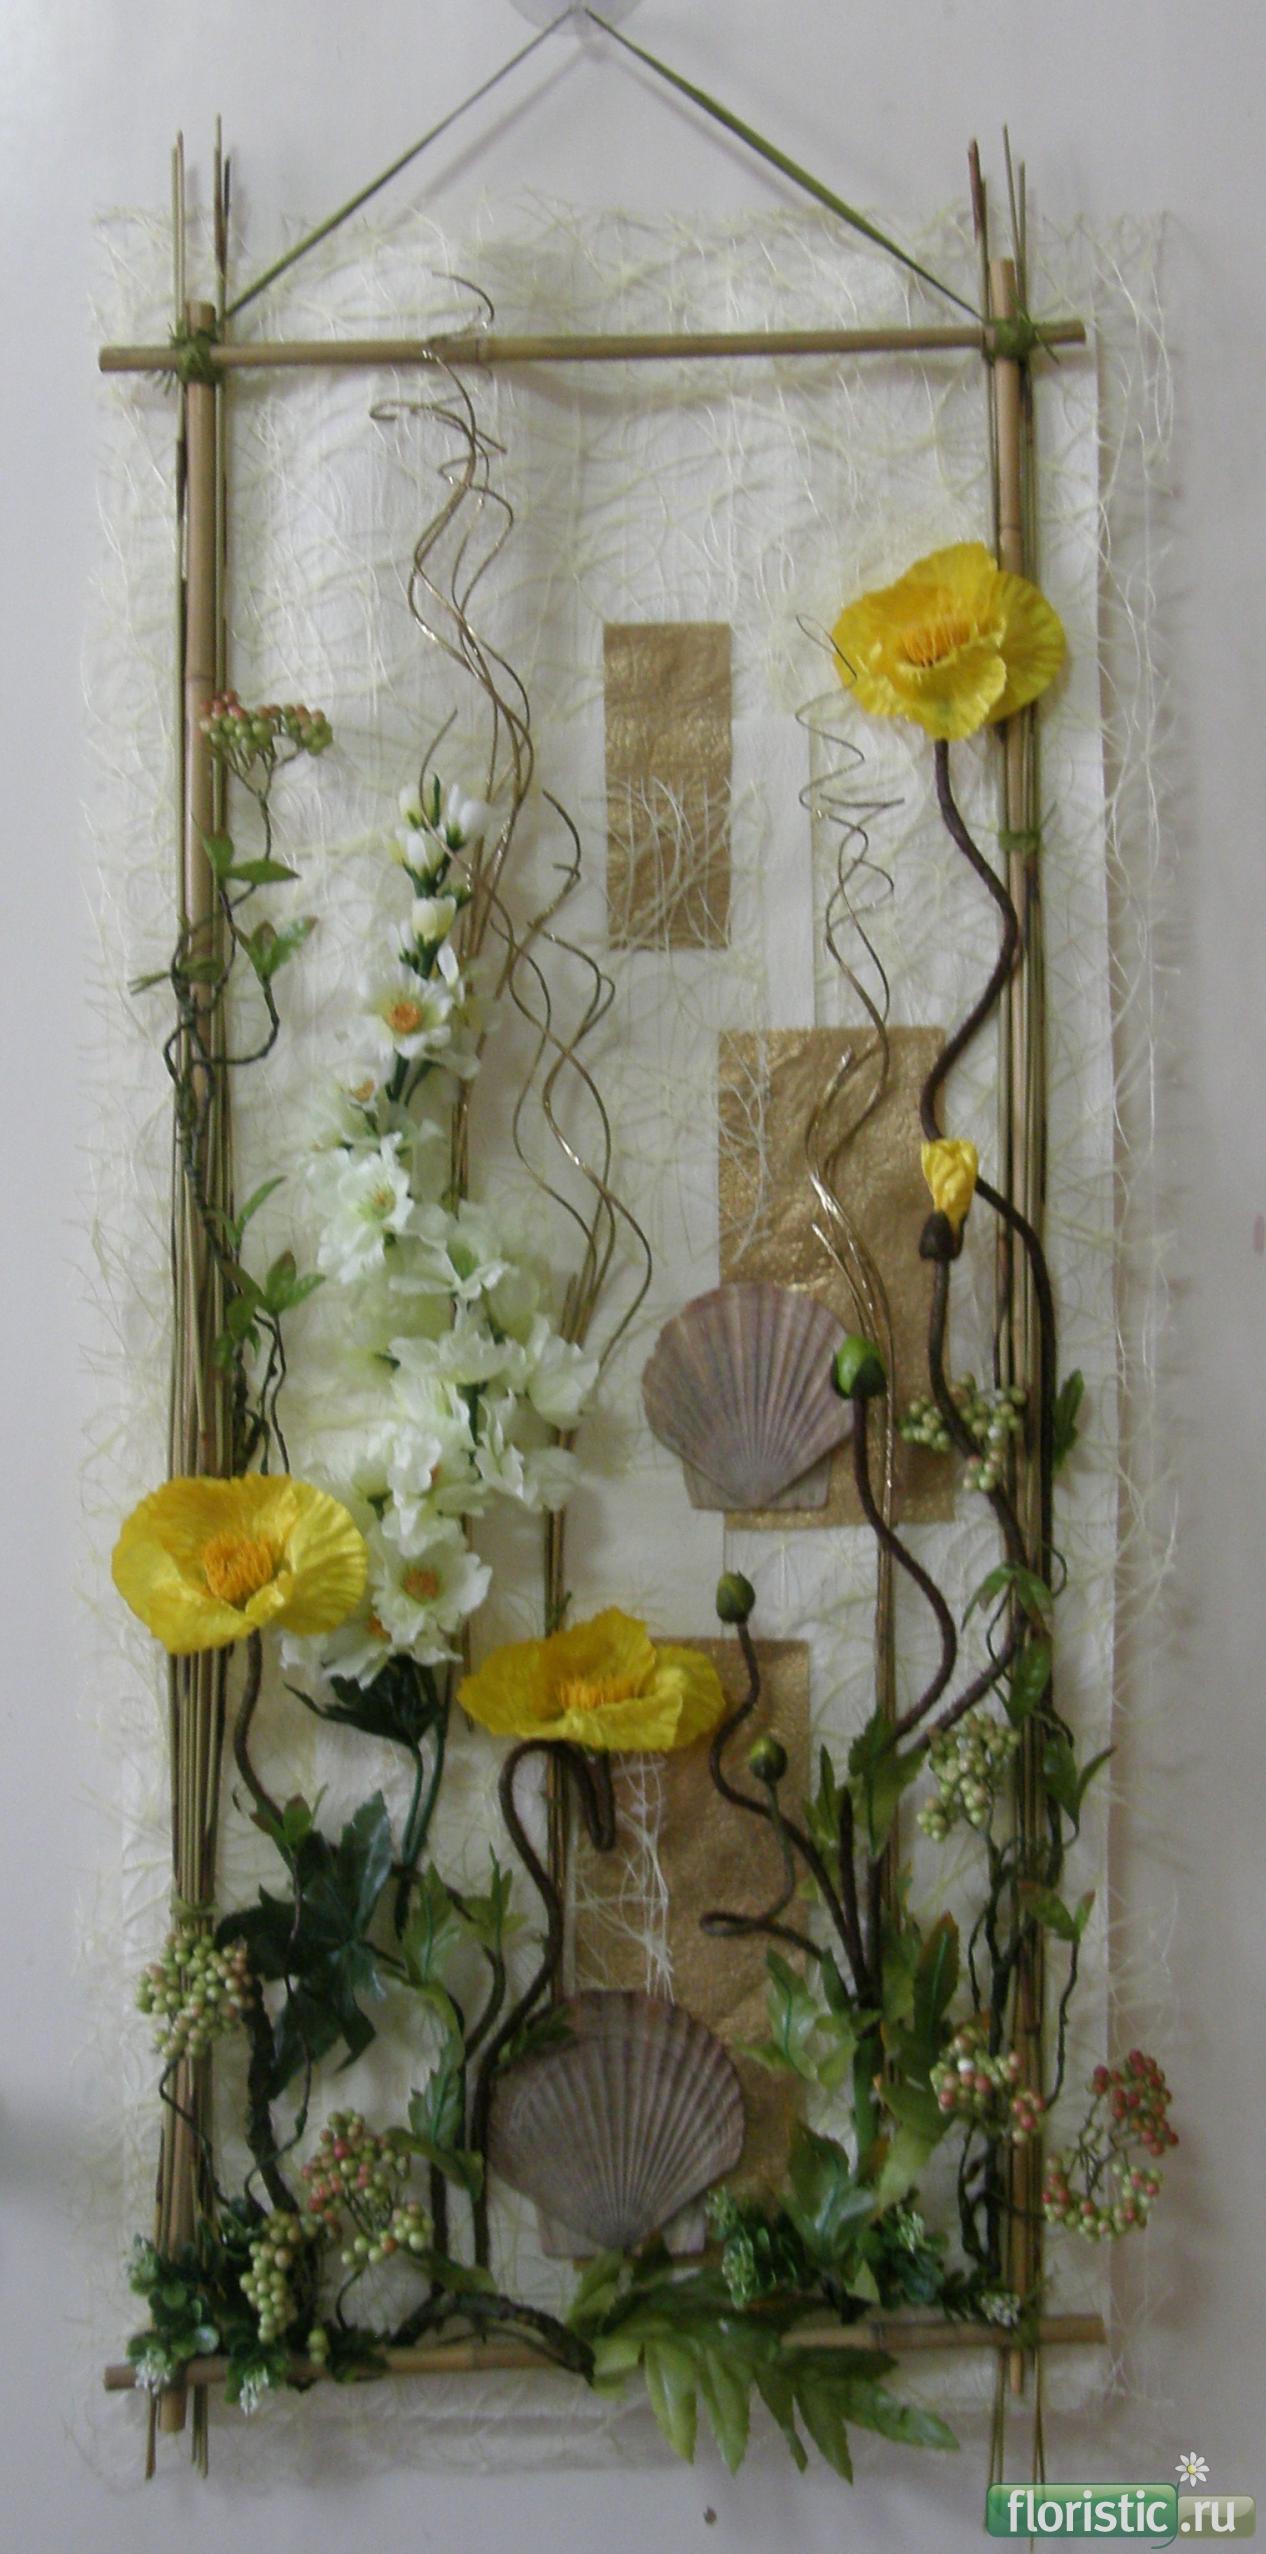 Панно из цветов и веток фото